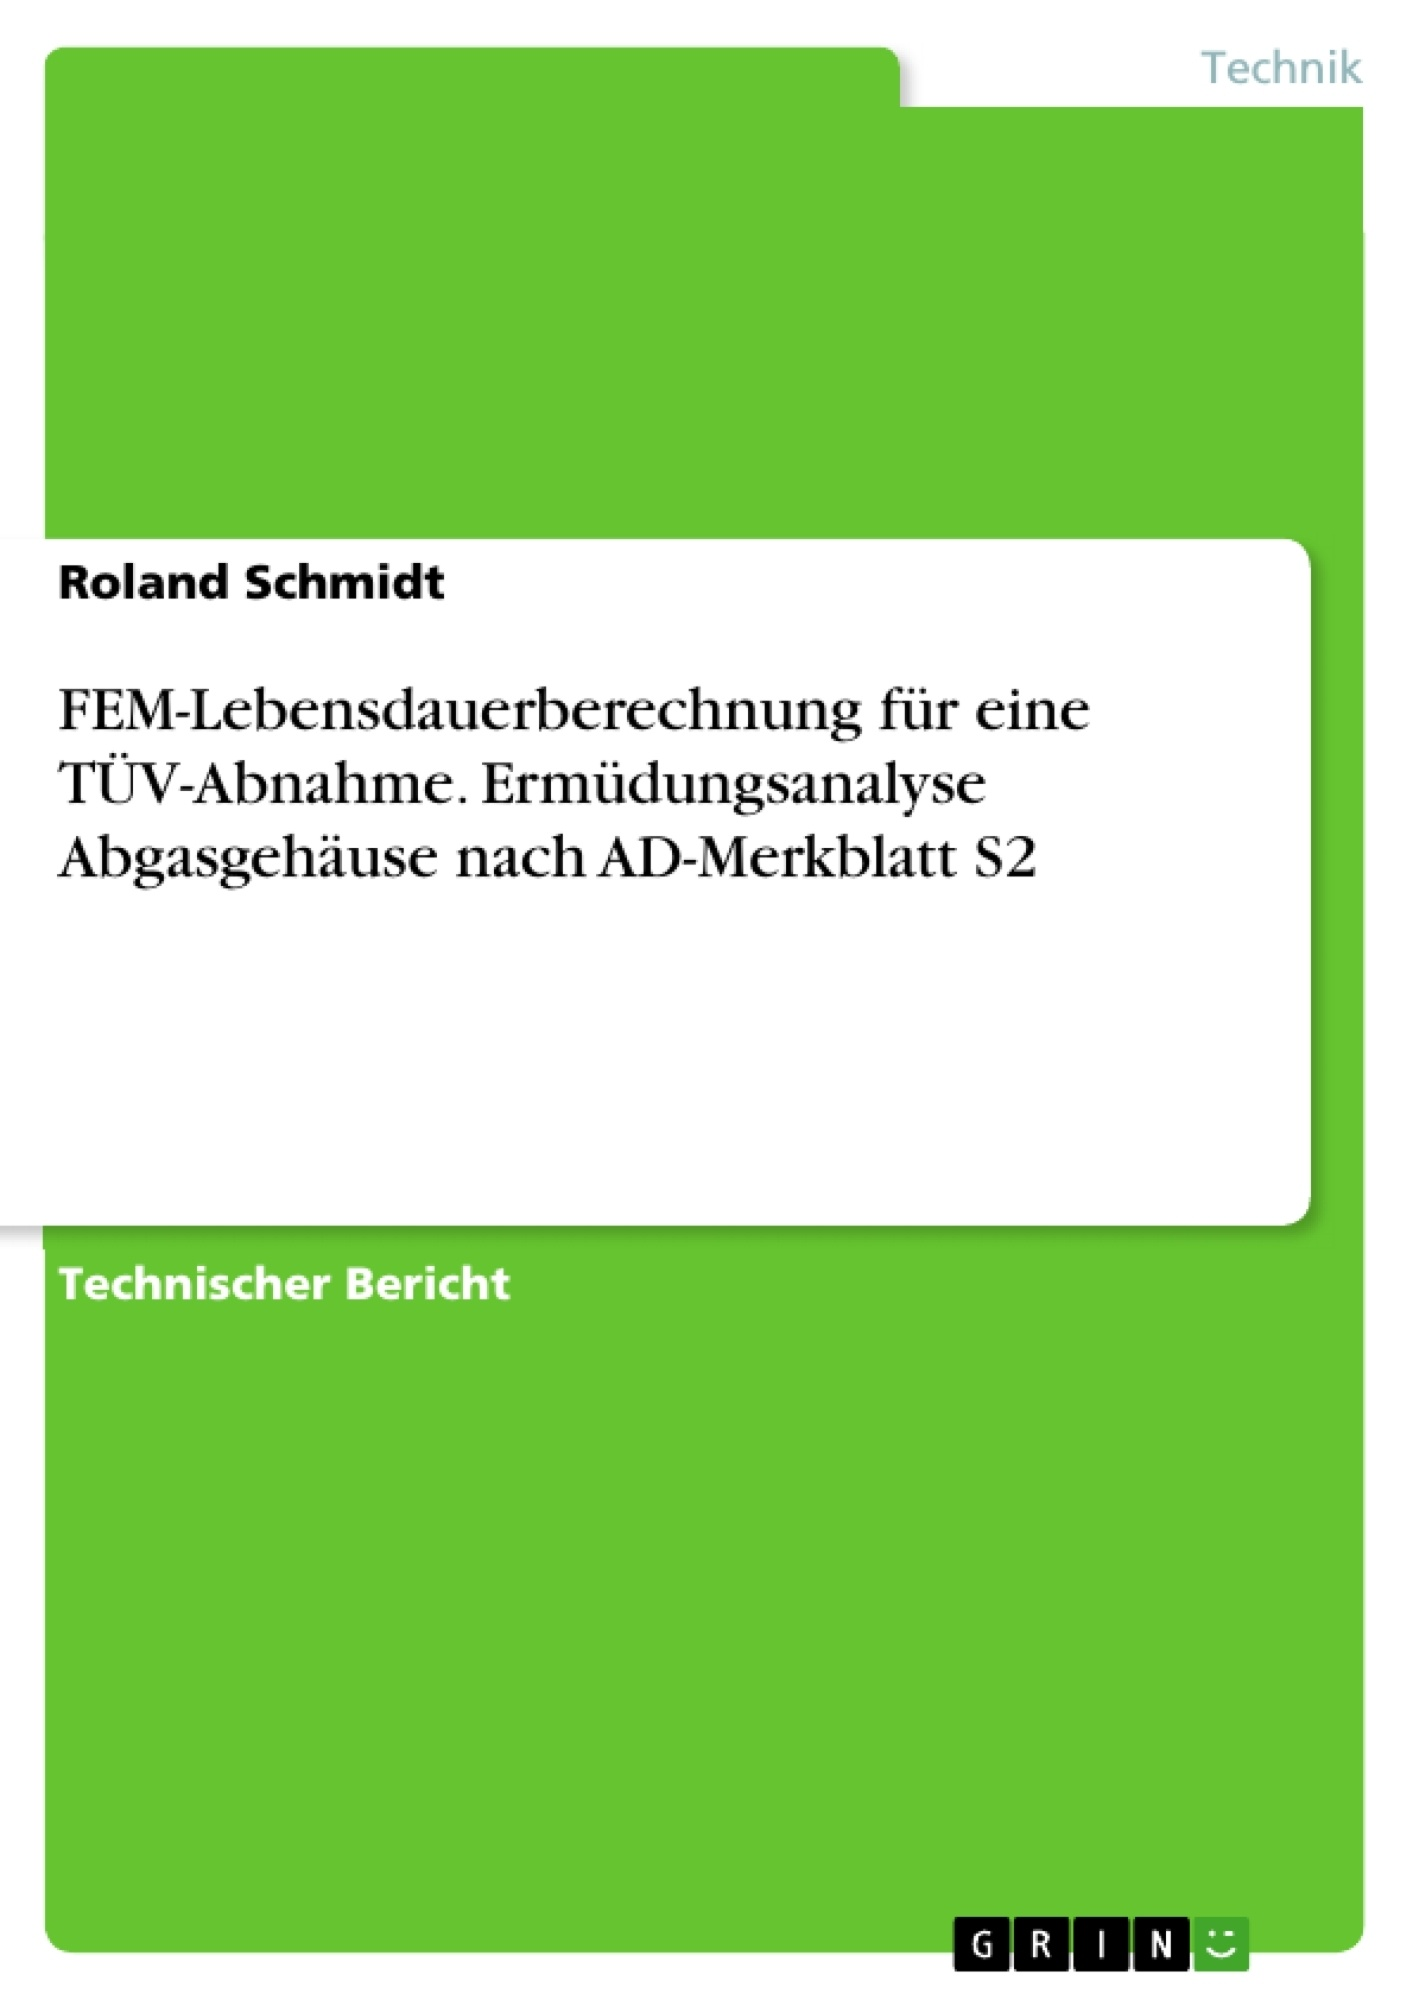 Titel: FEM-Lebensdauerberechnung für eine TÜV-Abnahme. Ermüdungsanalyse Abgasgehäuse nach AD-Merkblatt S2